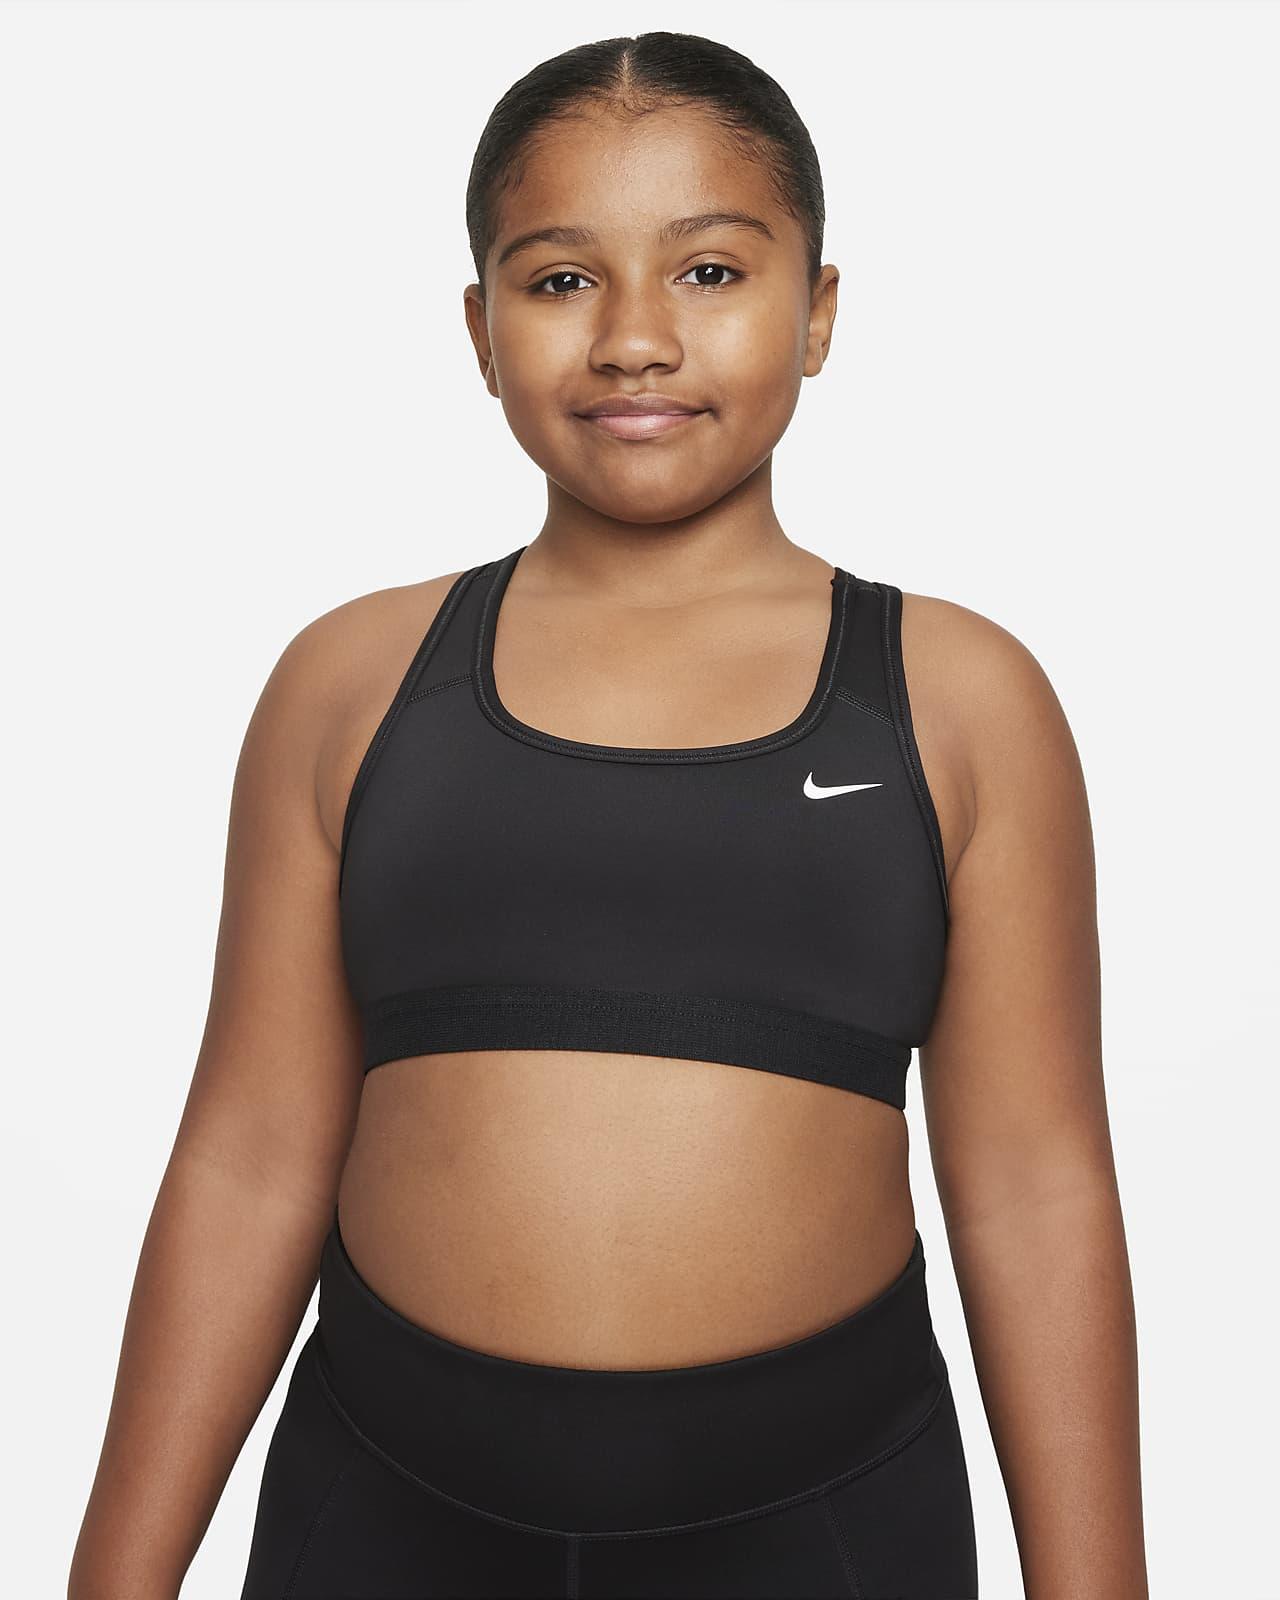 Αθλητικός στηθόδεσμος Nike Swoosh για μεγάλα κορίτσια (μεγαλύτερο μέγεθος)